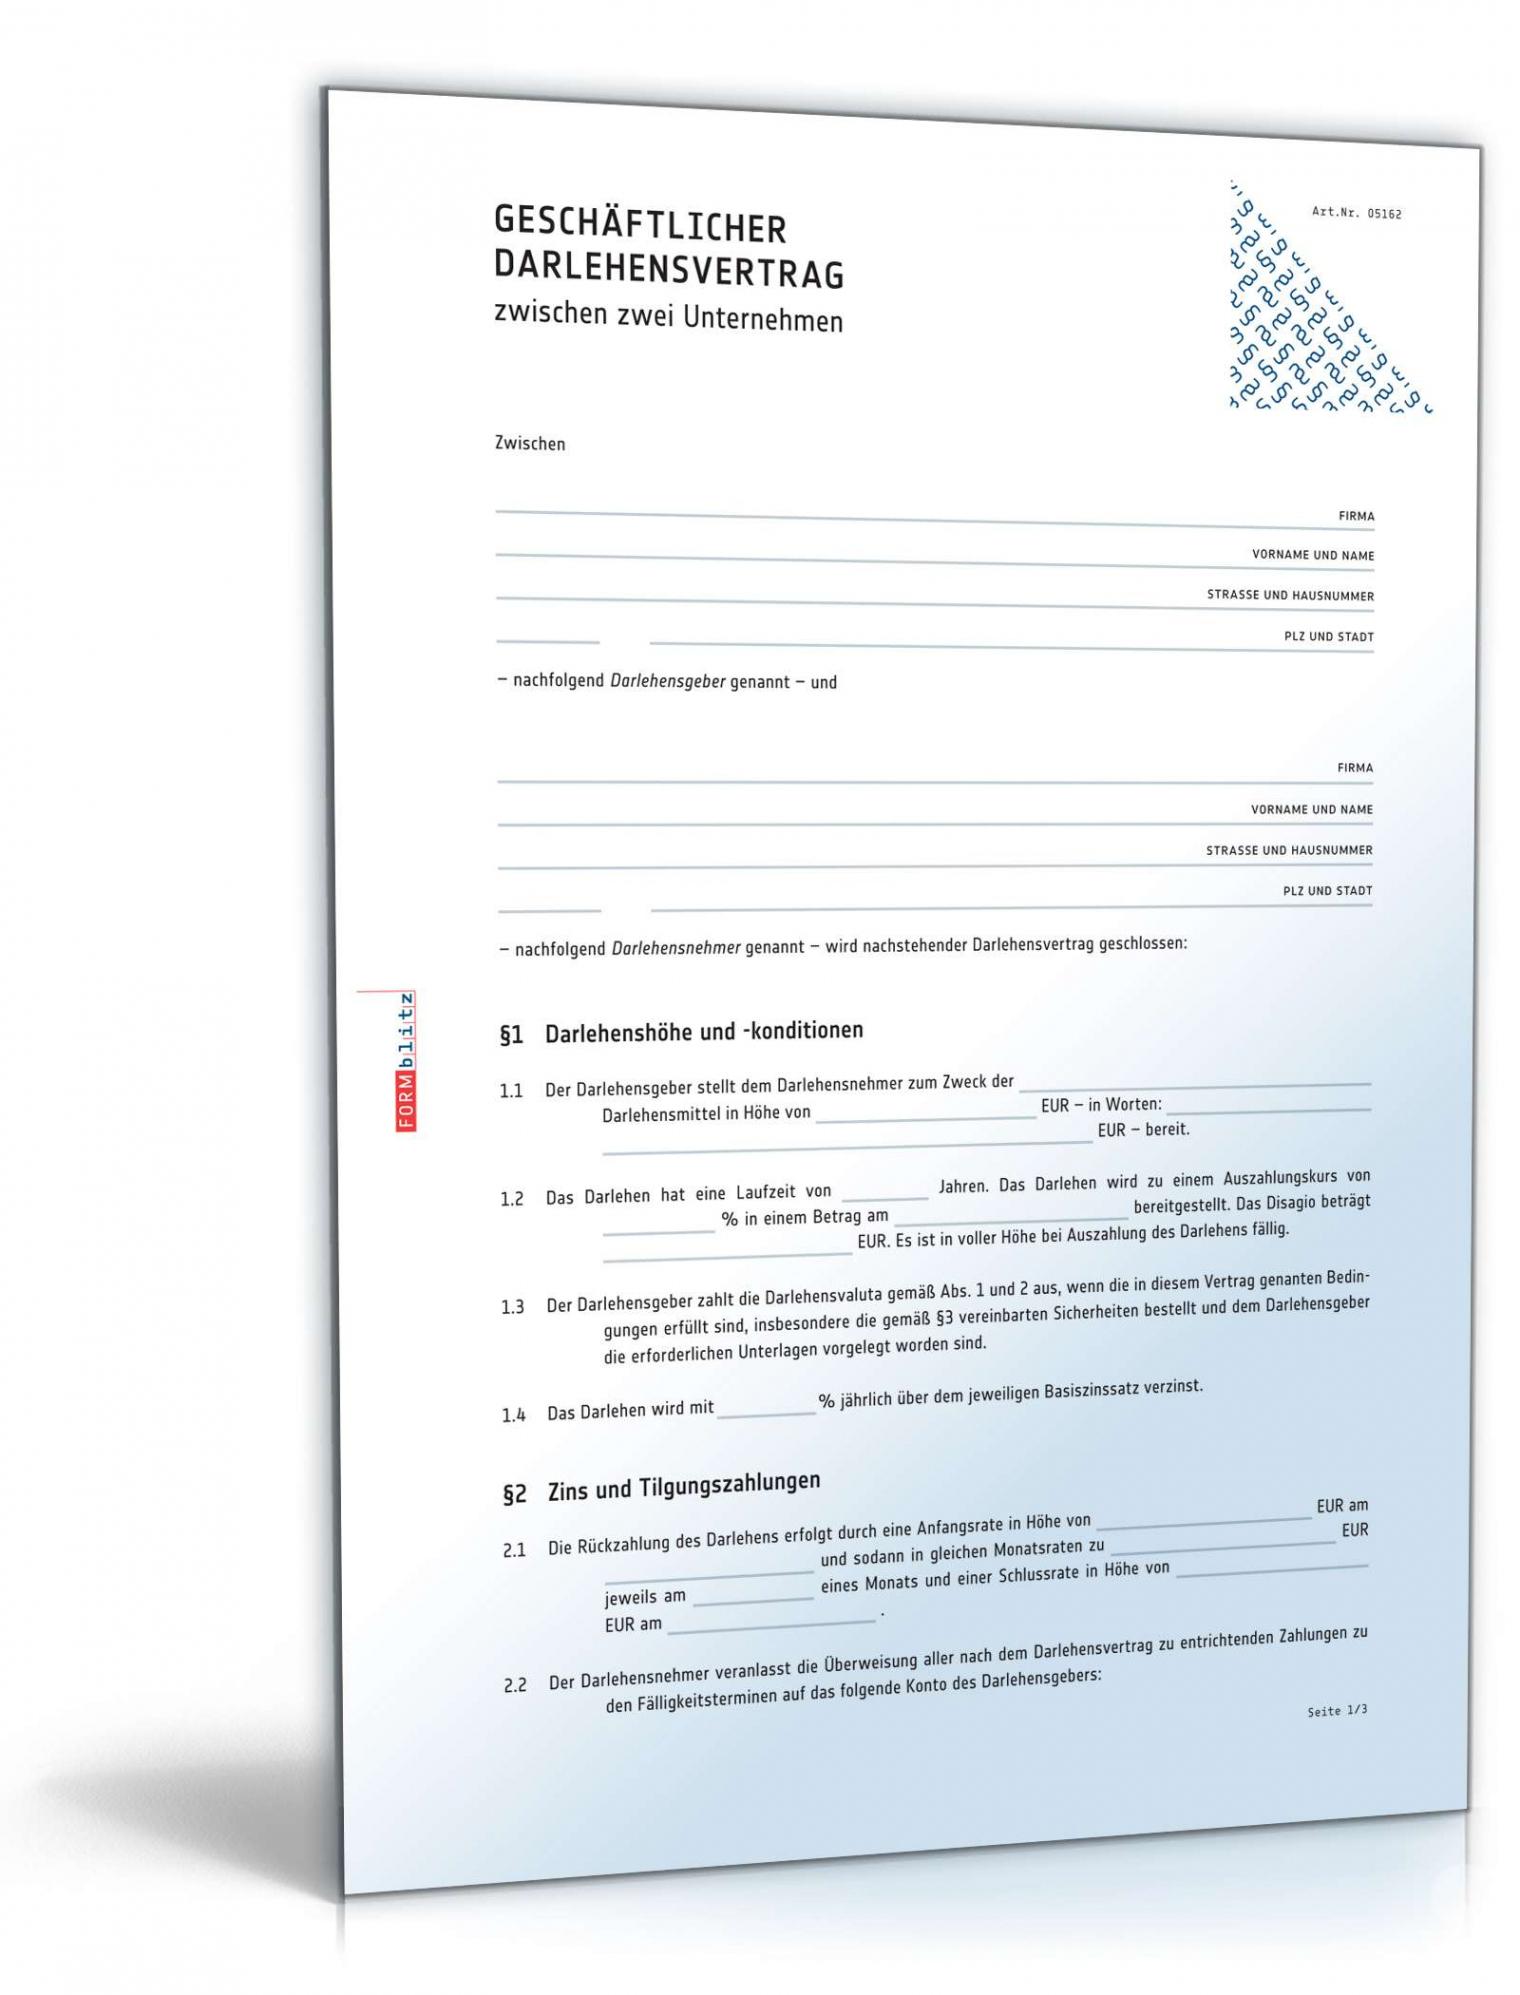 Vertrag Zwischen Privatpersonen Vorlage Excel Druckfähig